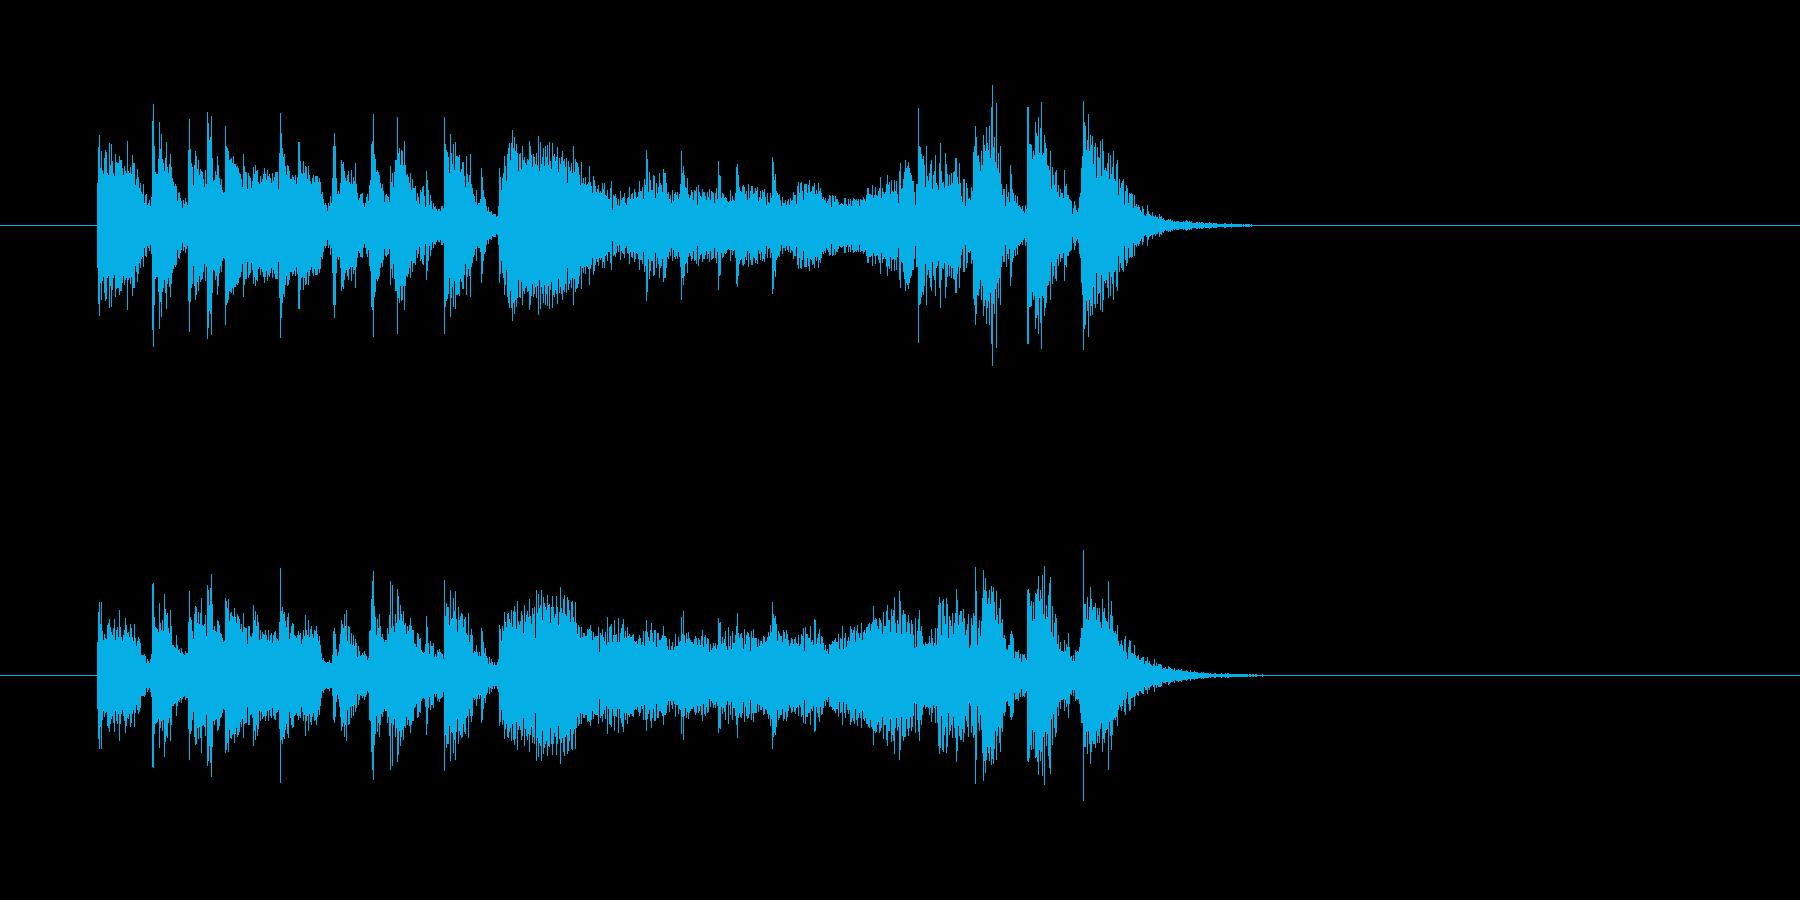 シンセサイザー 報道番組 ニュースの再生済みの波形